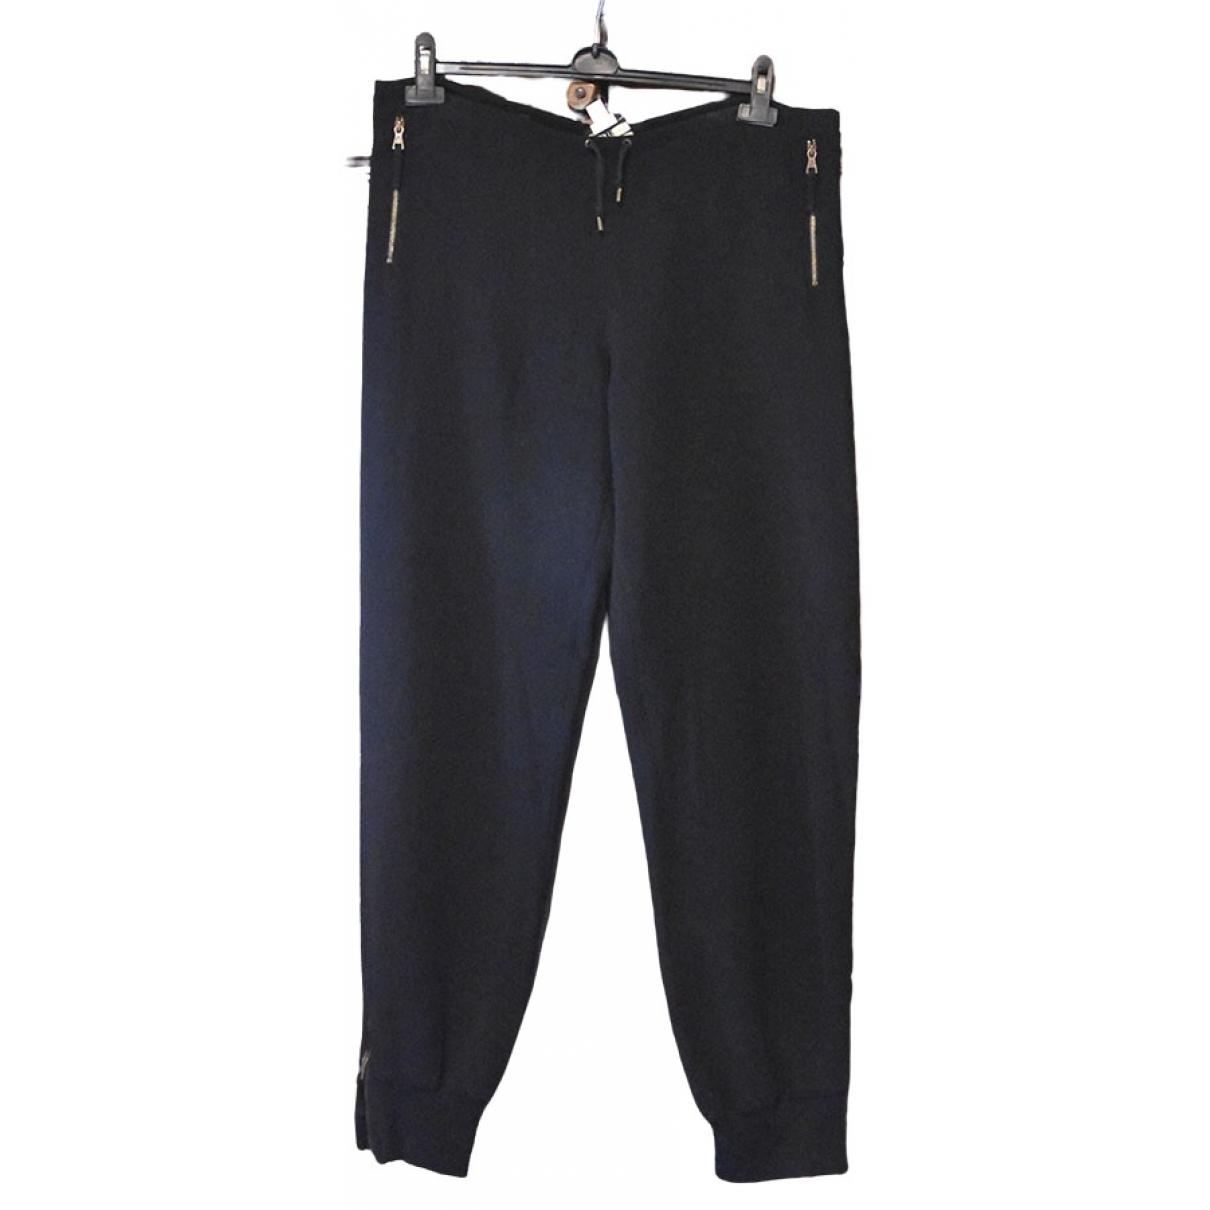 Jean Paul Gaultier \N Black Cotton Trousers for Women 40 IT